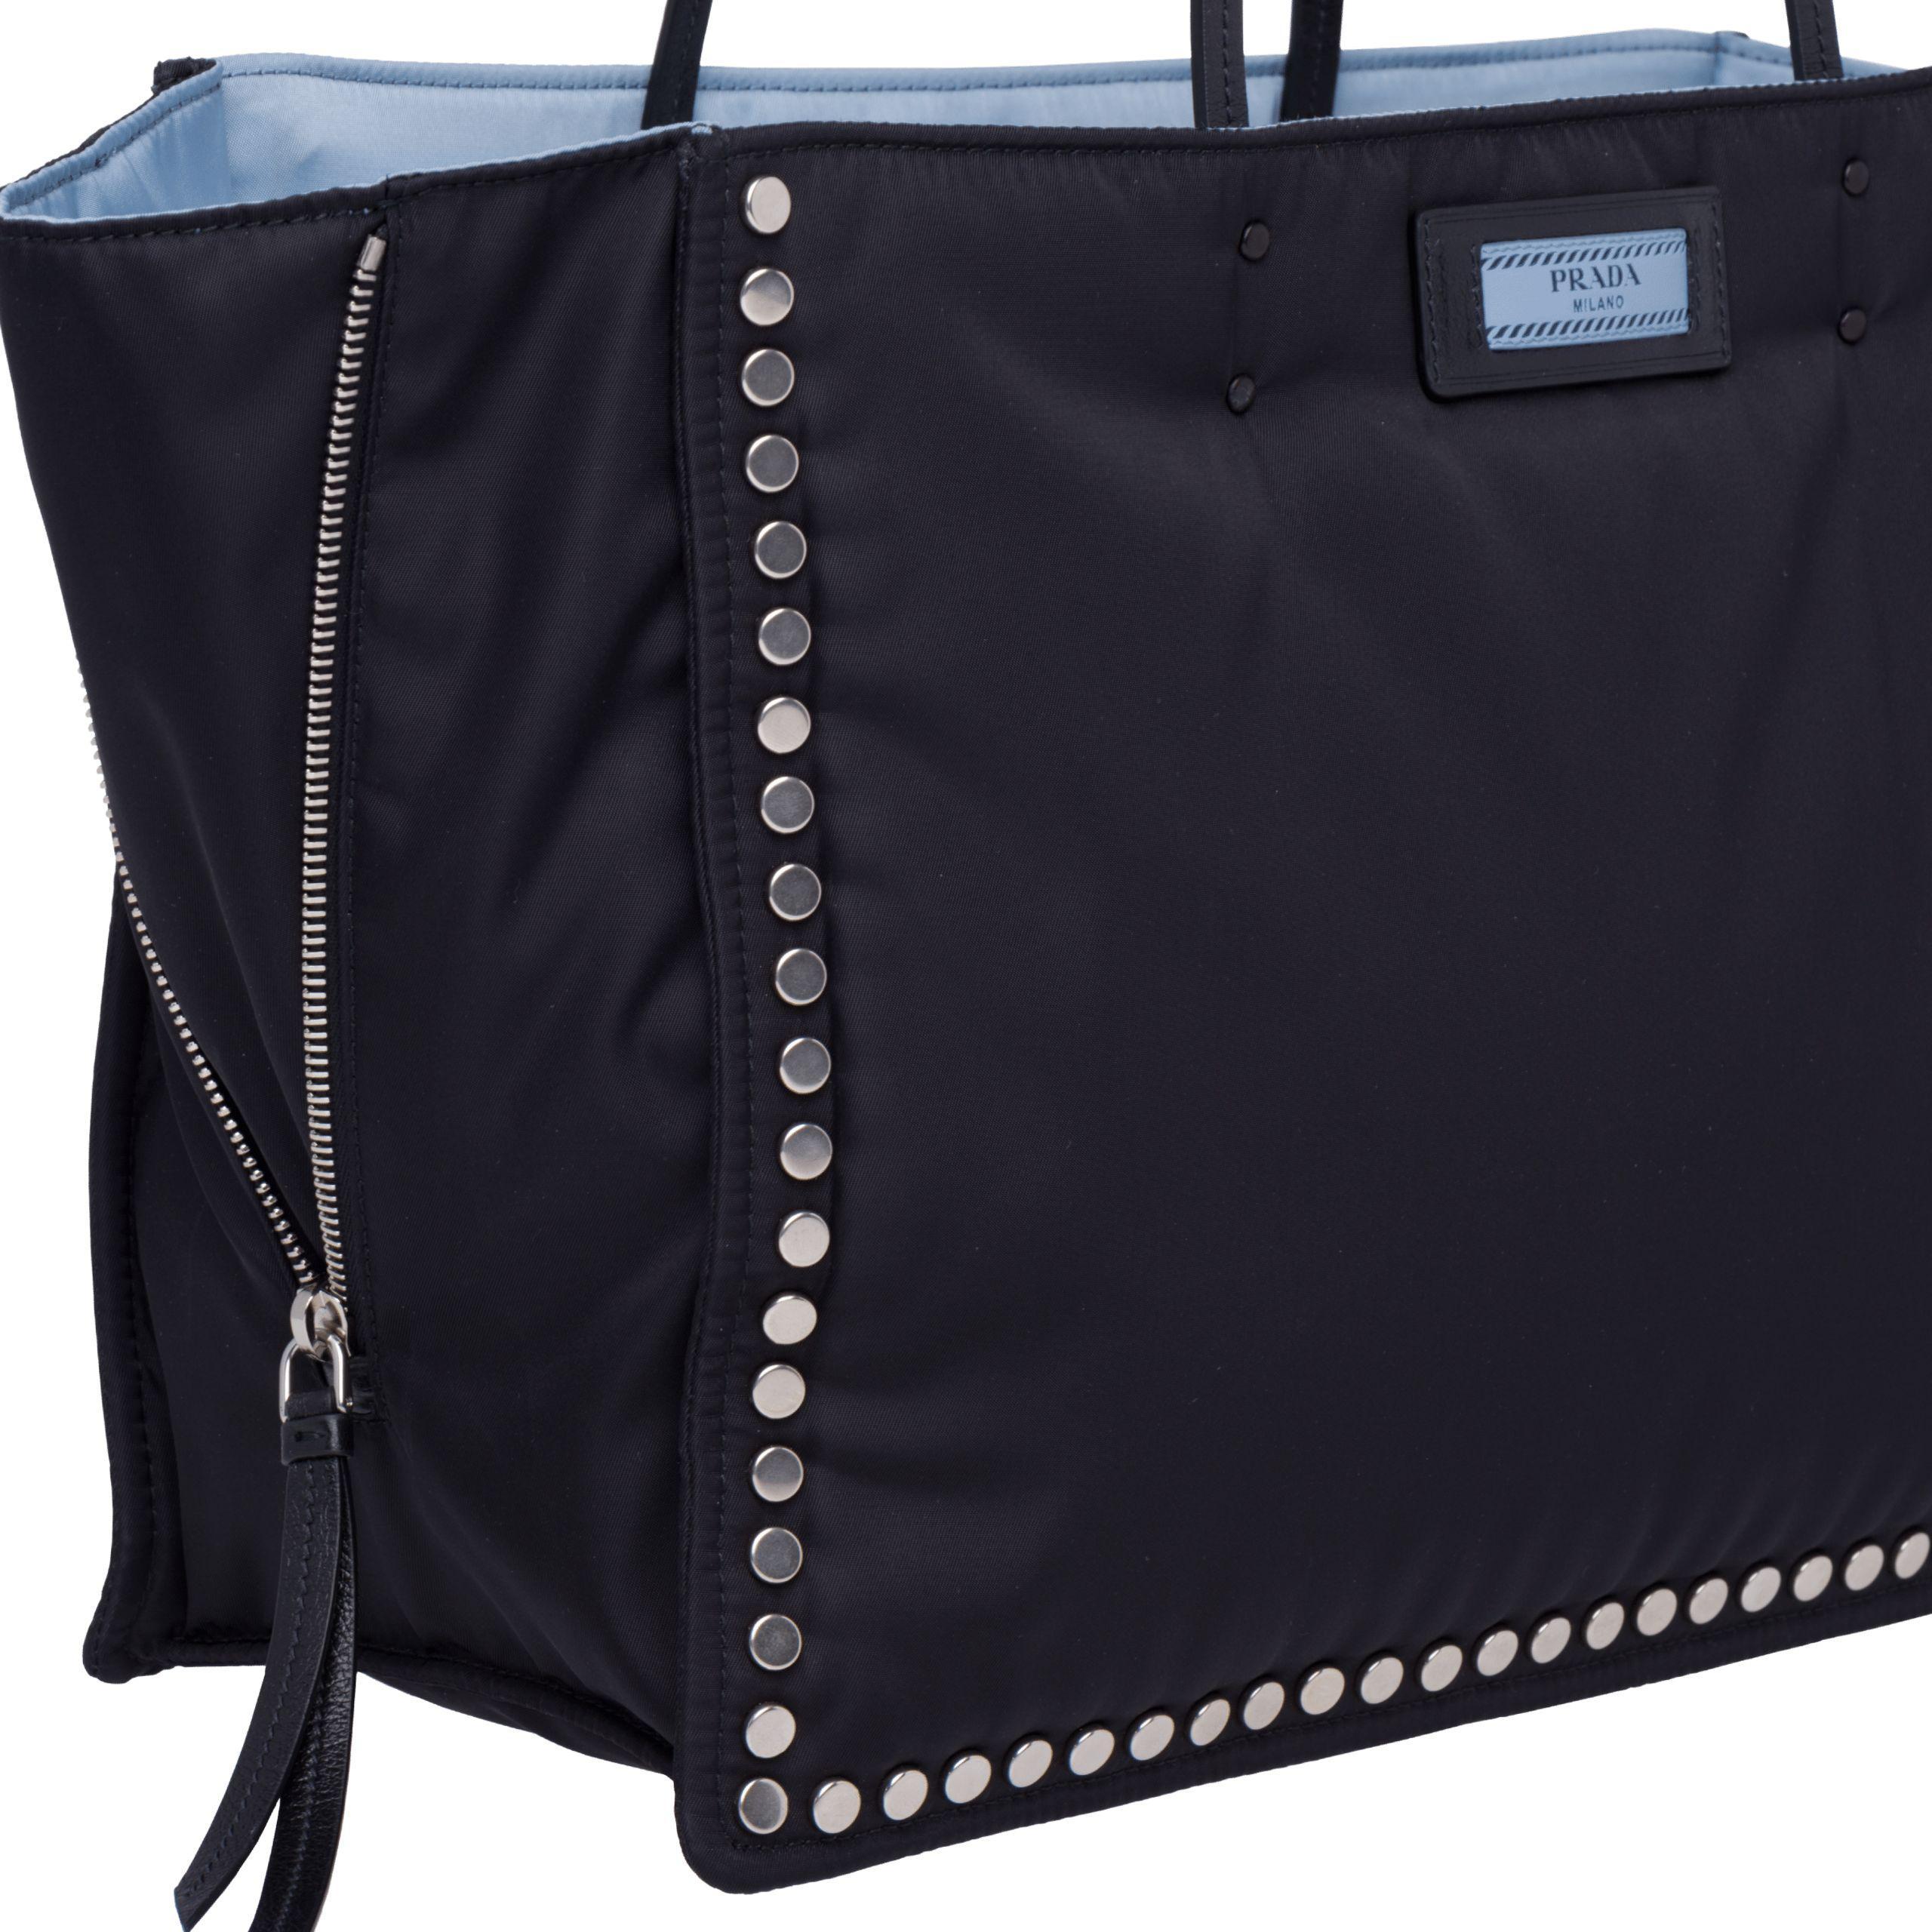 9d7433ff844e ... shop prada black etiquette fabric tote lyst. view fullscreen b7996 c3ed4